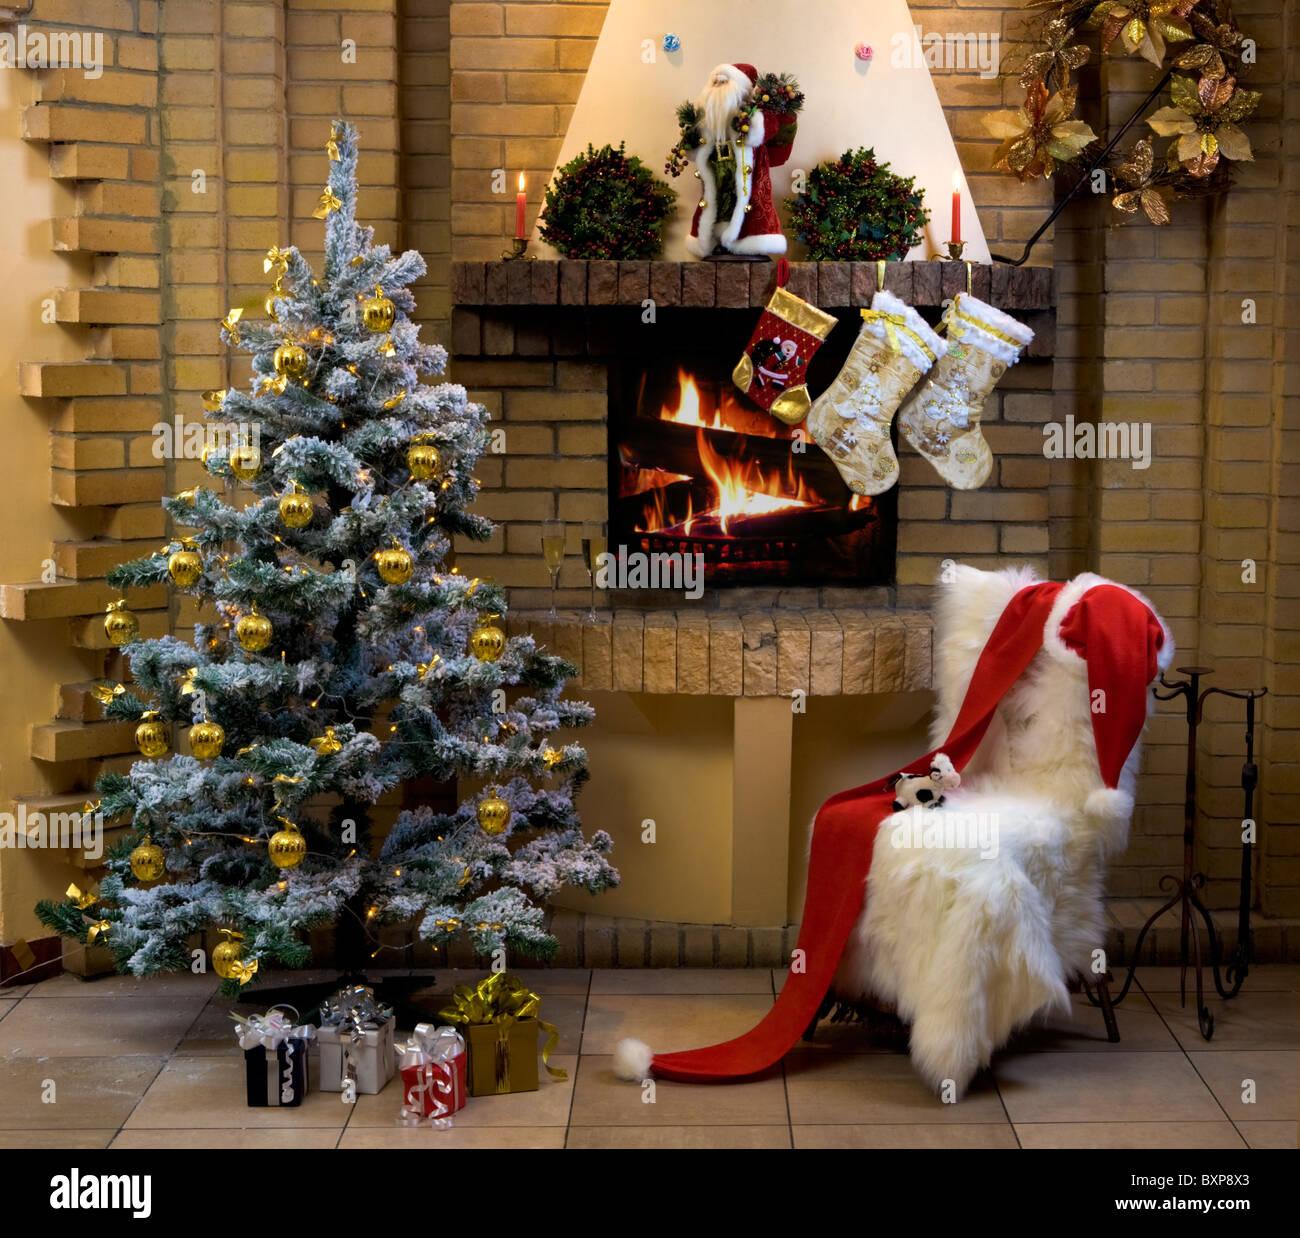 Weihnachts-Zimmer mit Kamin, Stuhl, präsentiert unter geschmückten ...